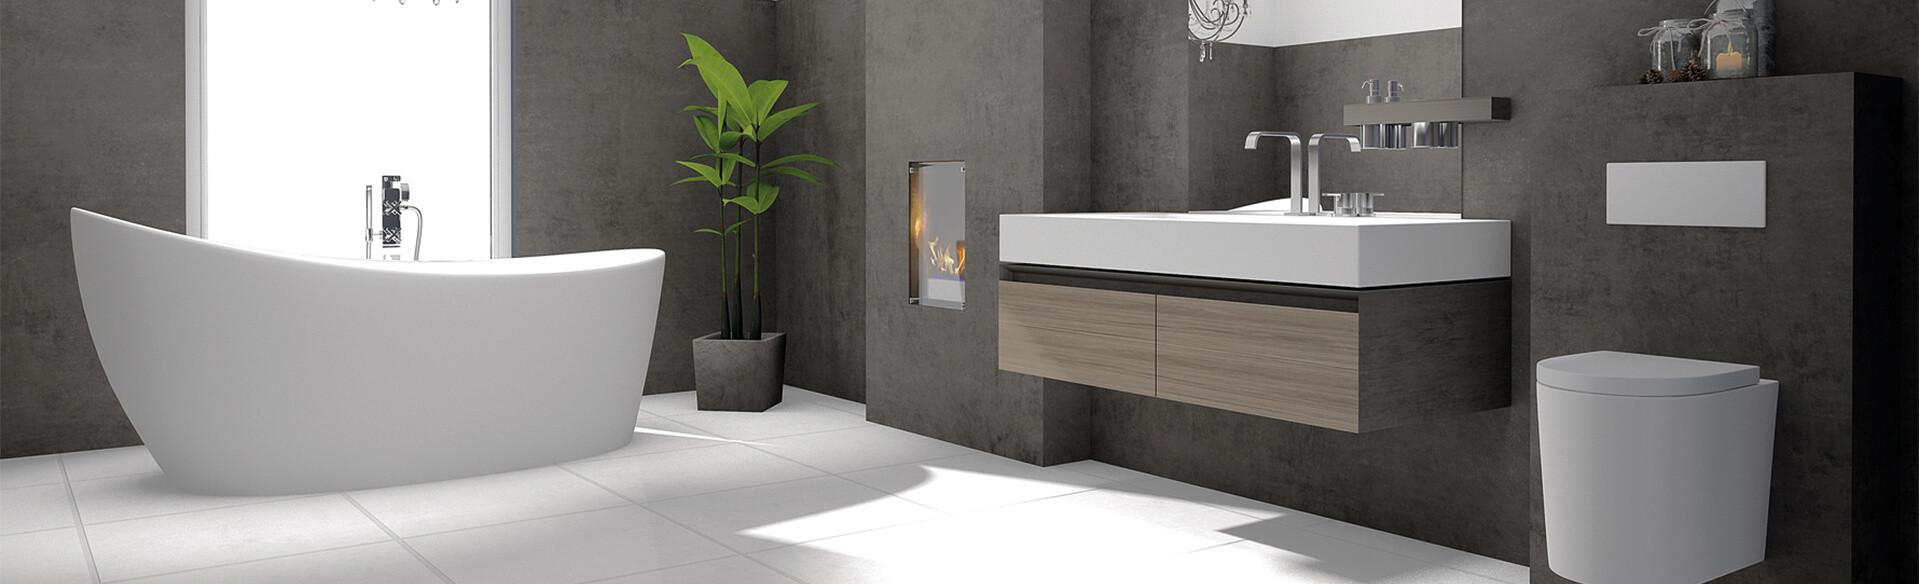 Haase & Ruther // Heizung - Sanitär - Haustechnik